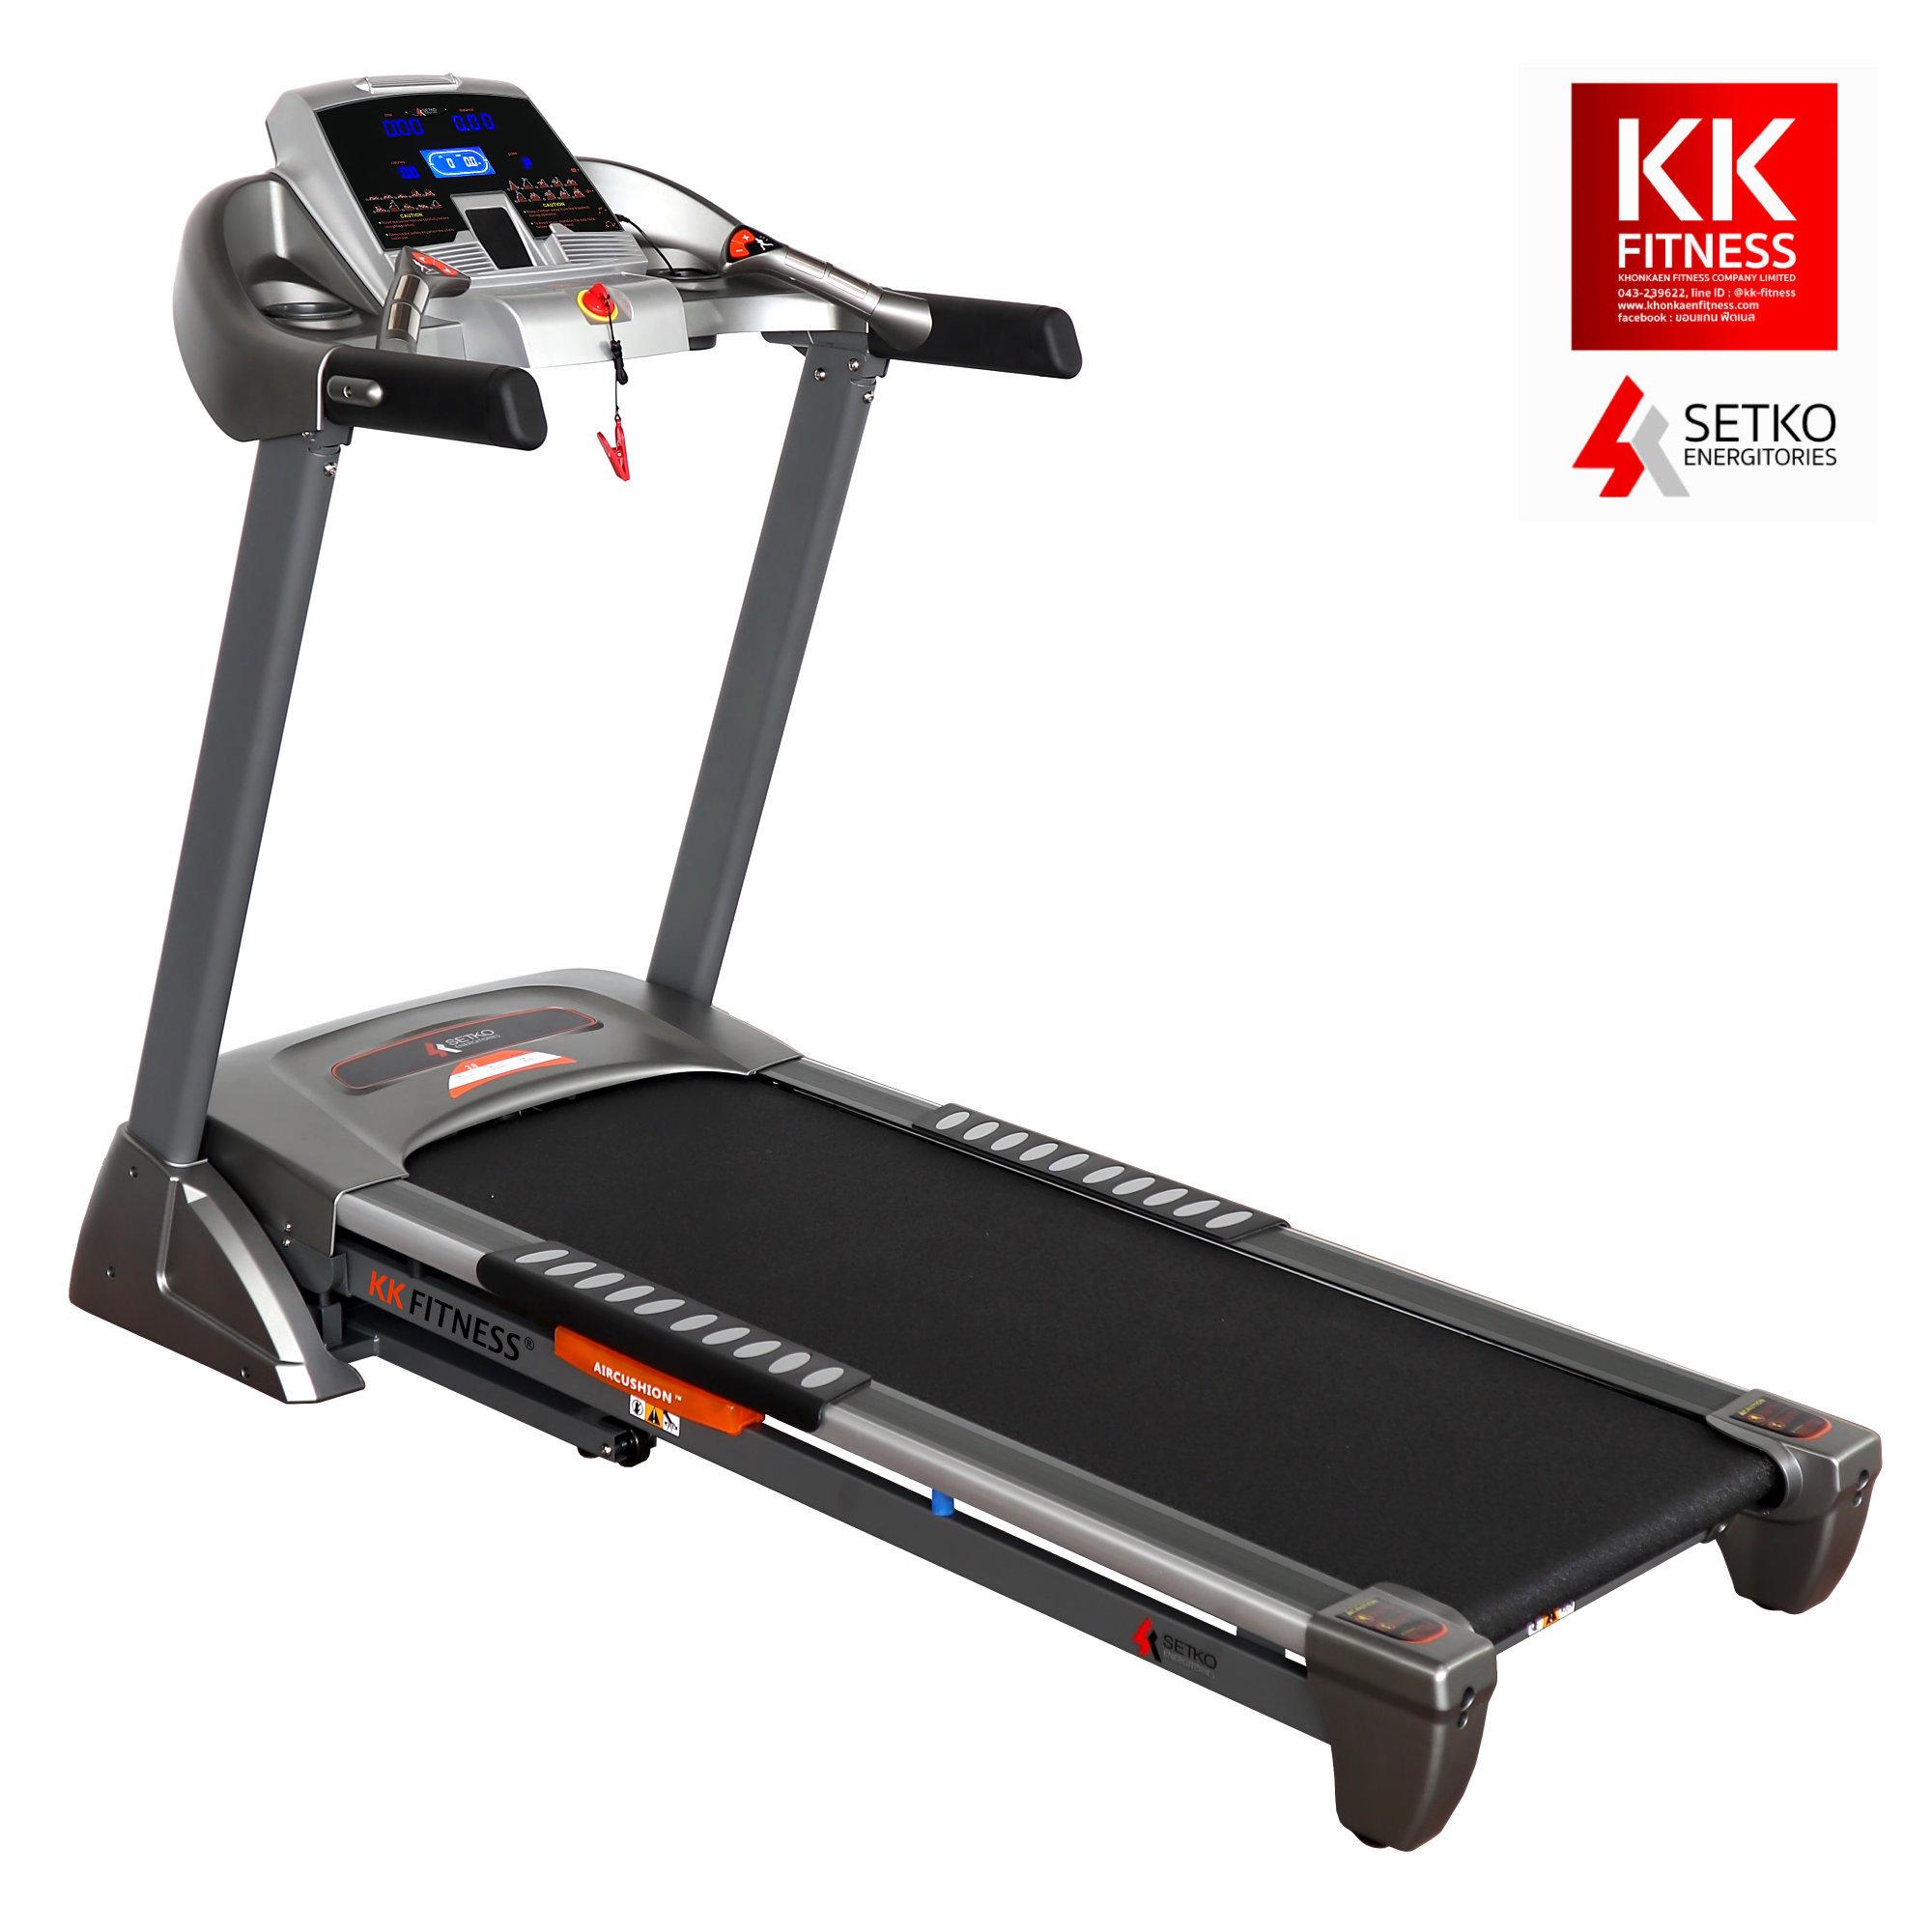 ลู่วิ่งไฟฟ้า : Setko SK5814 - 3 HP